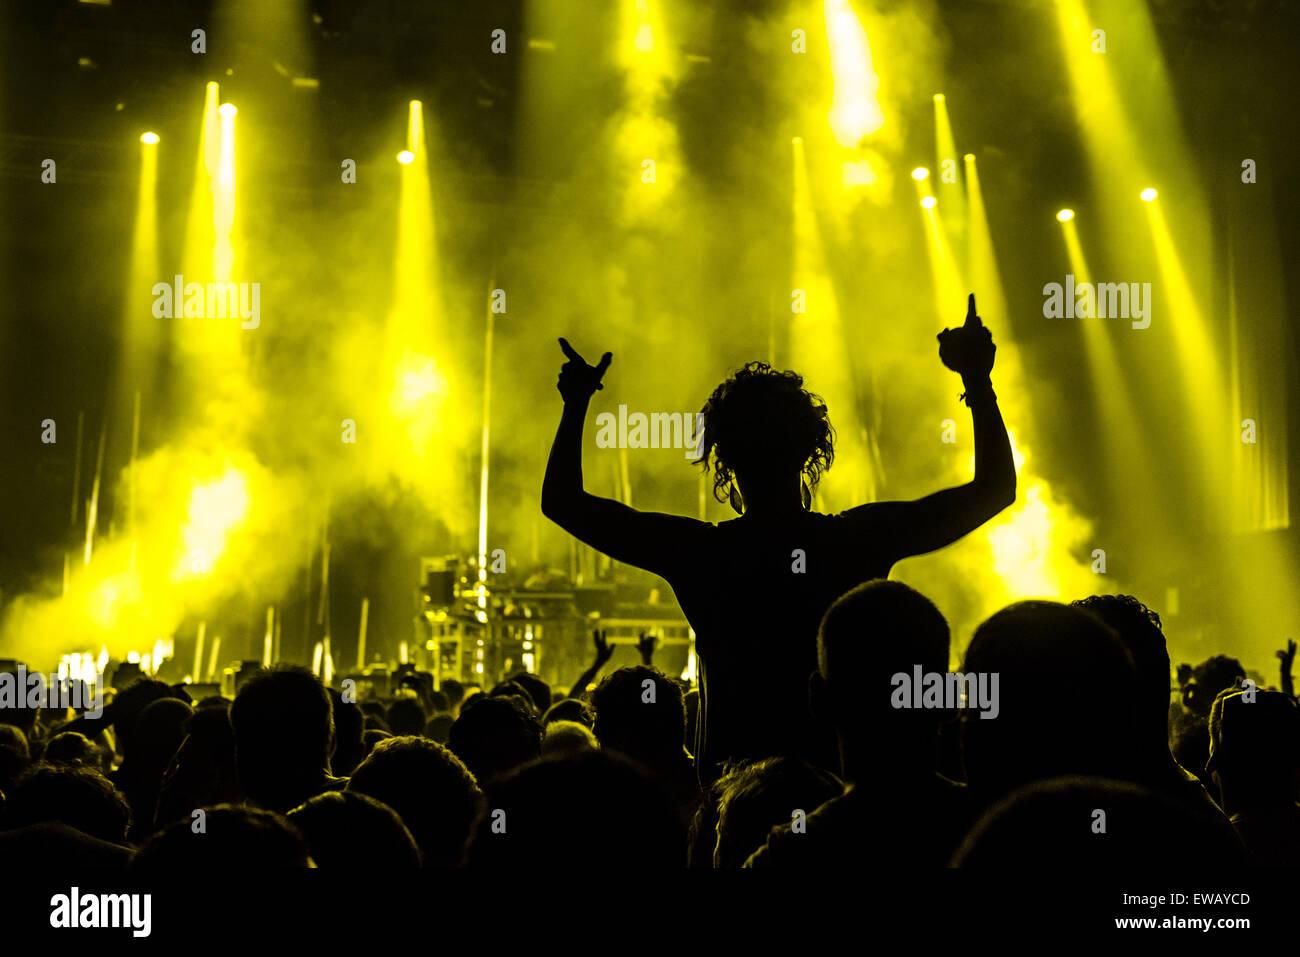 Barcellona, Spagna. Il 21 giugno, 2015. I frequentatori del festival muoversi a tempo di musica britannica di musica Immagini Stock